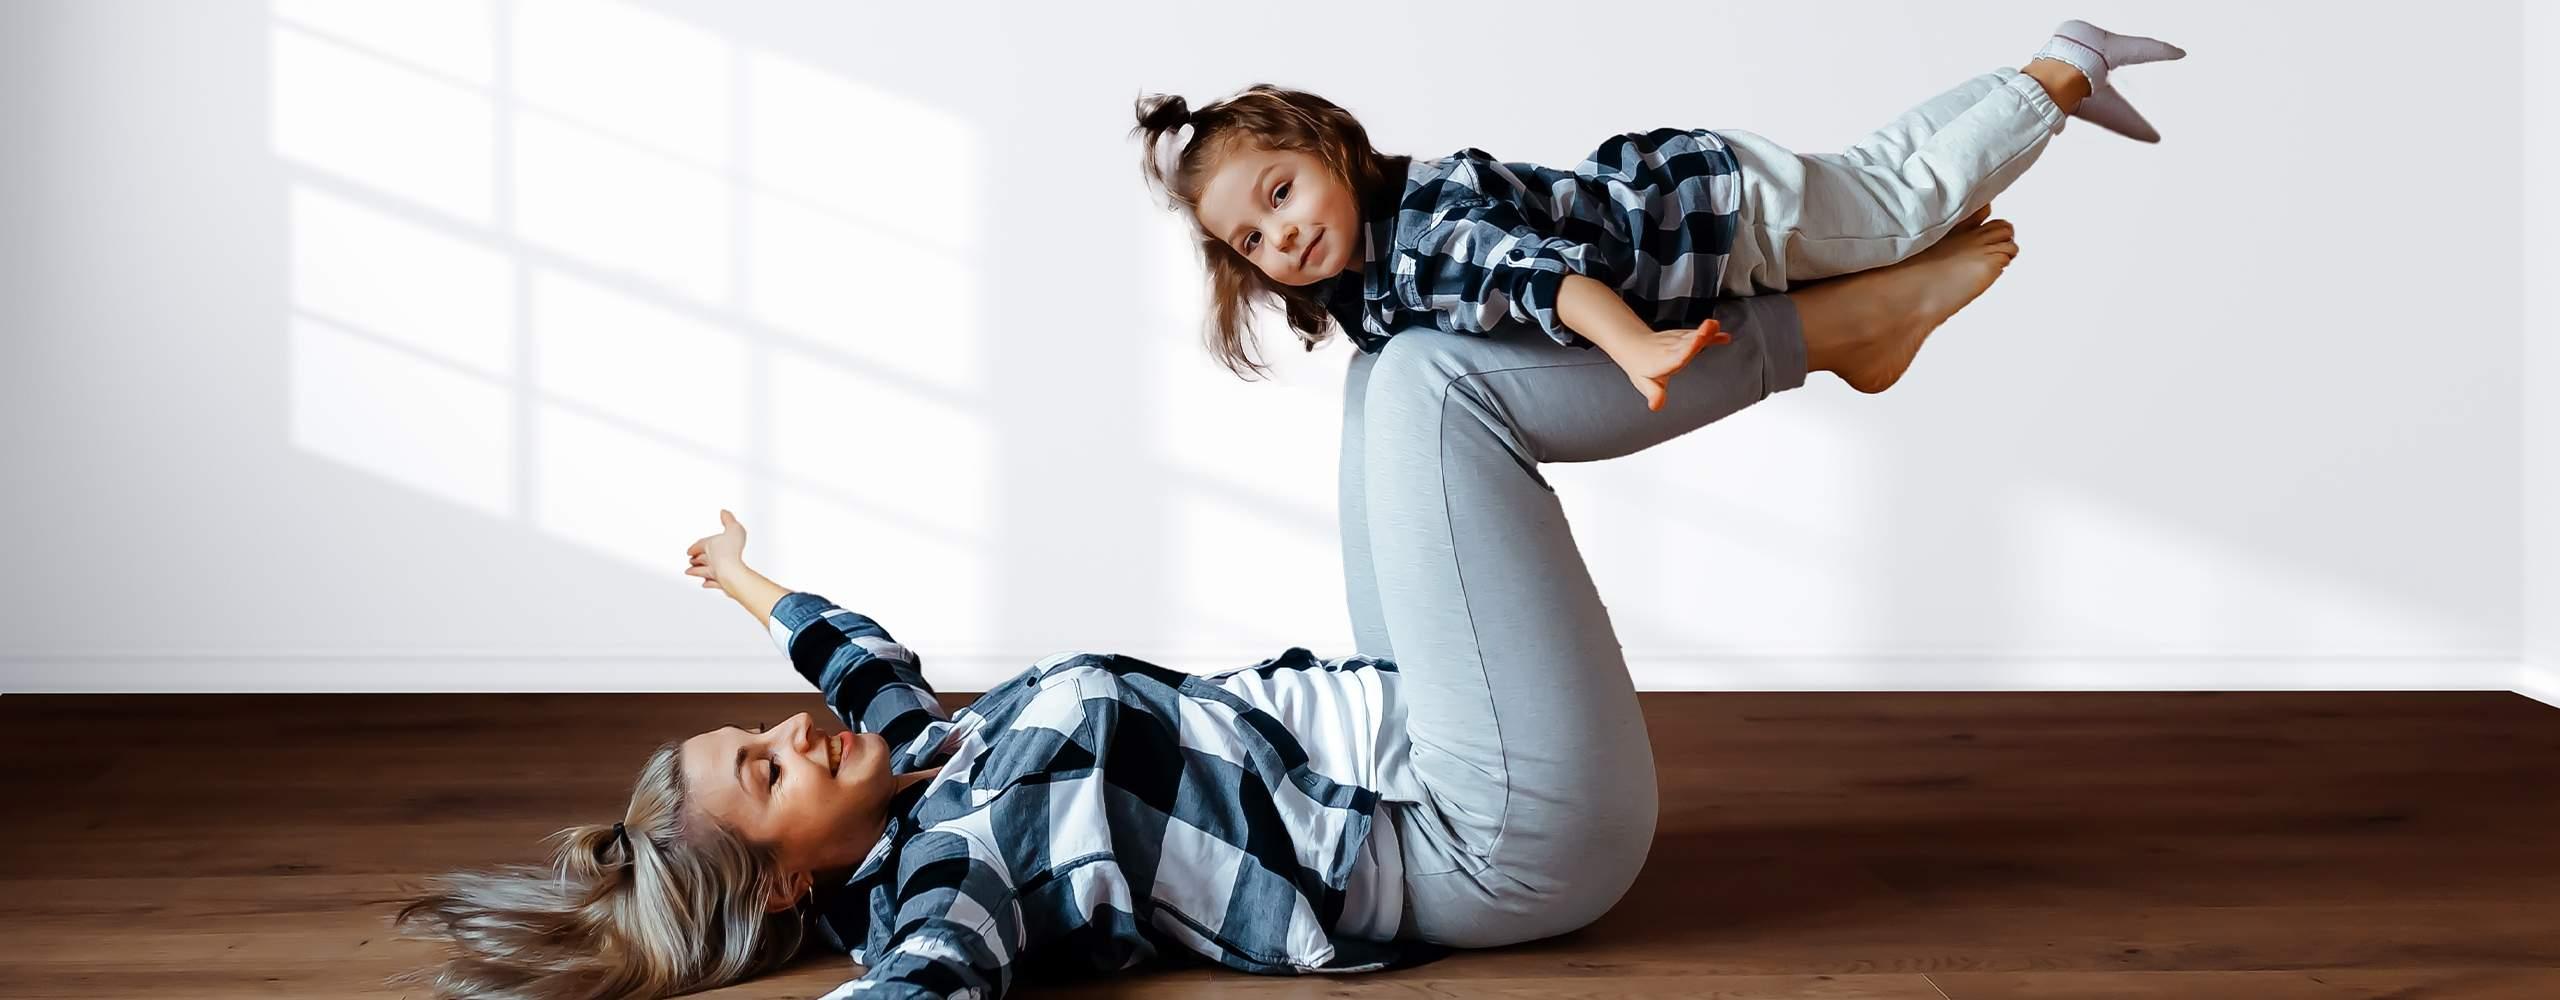 Mutter und Tochter balancieren